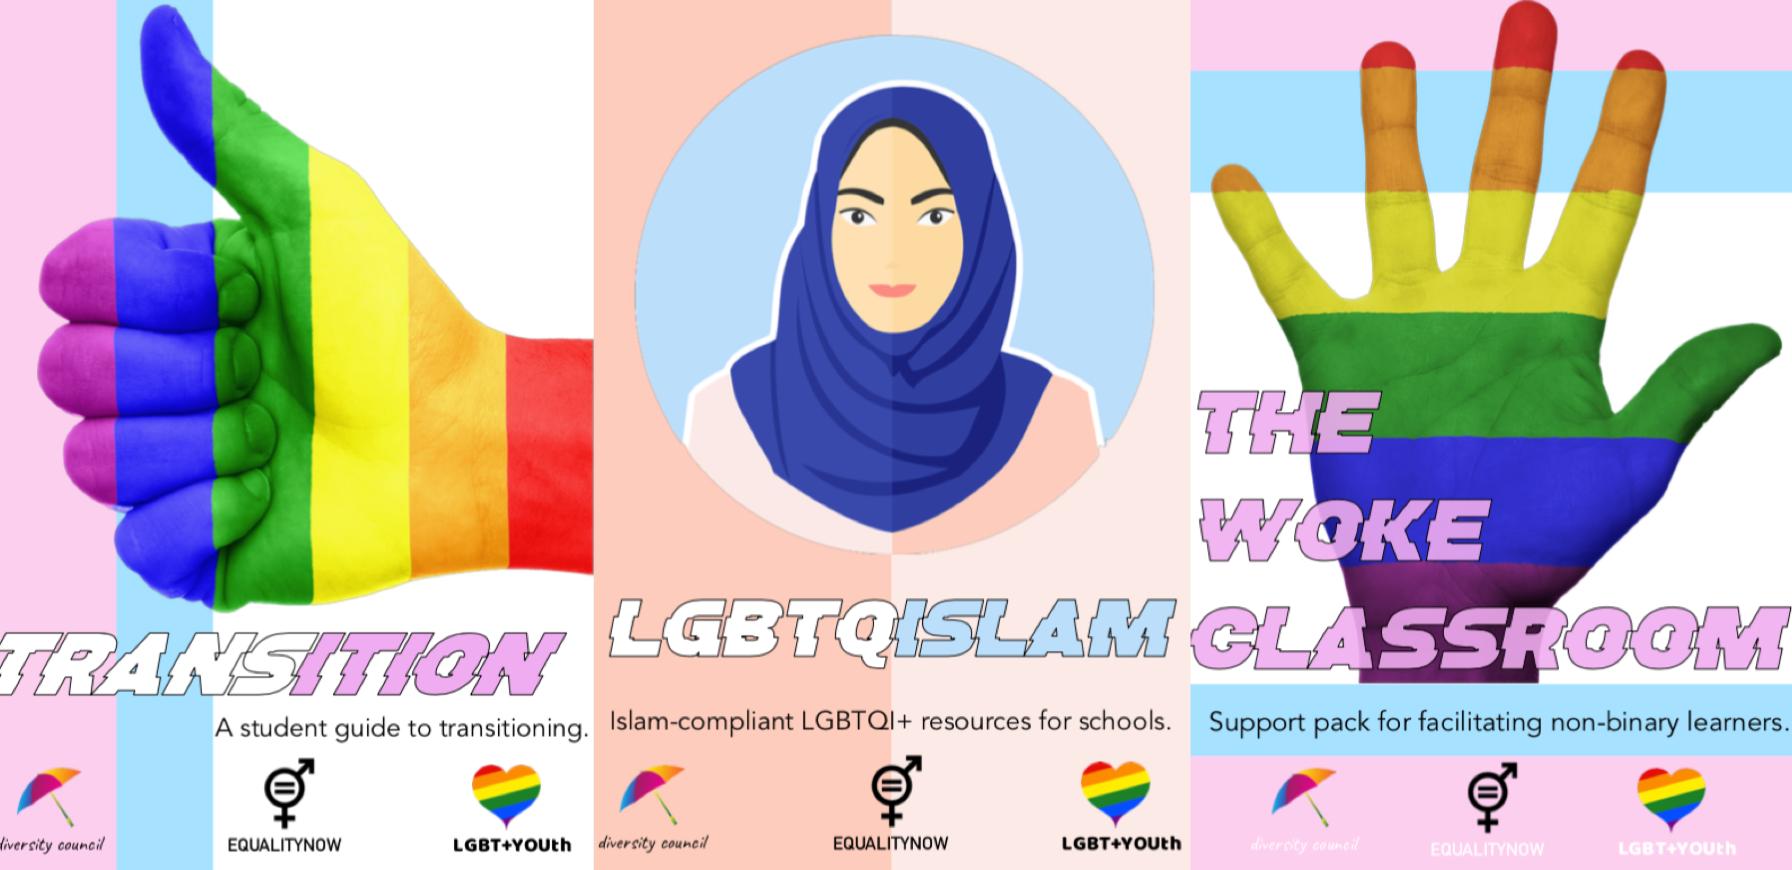 LGBT Teacher Guidance